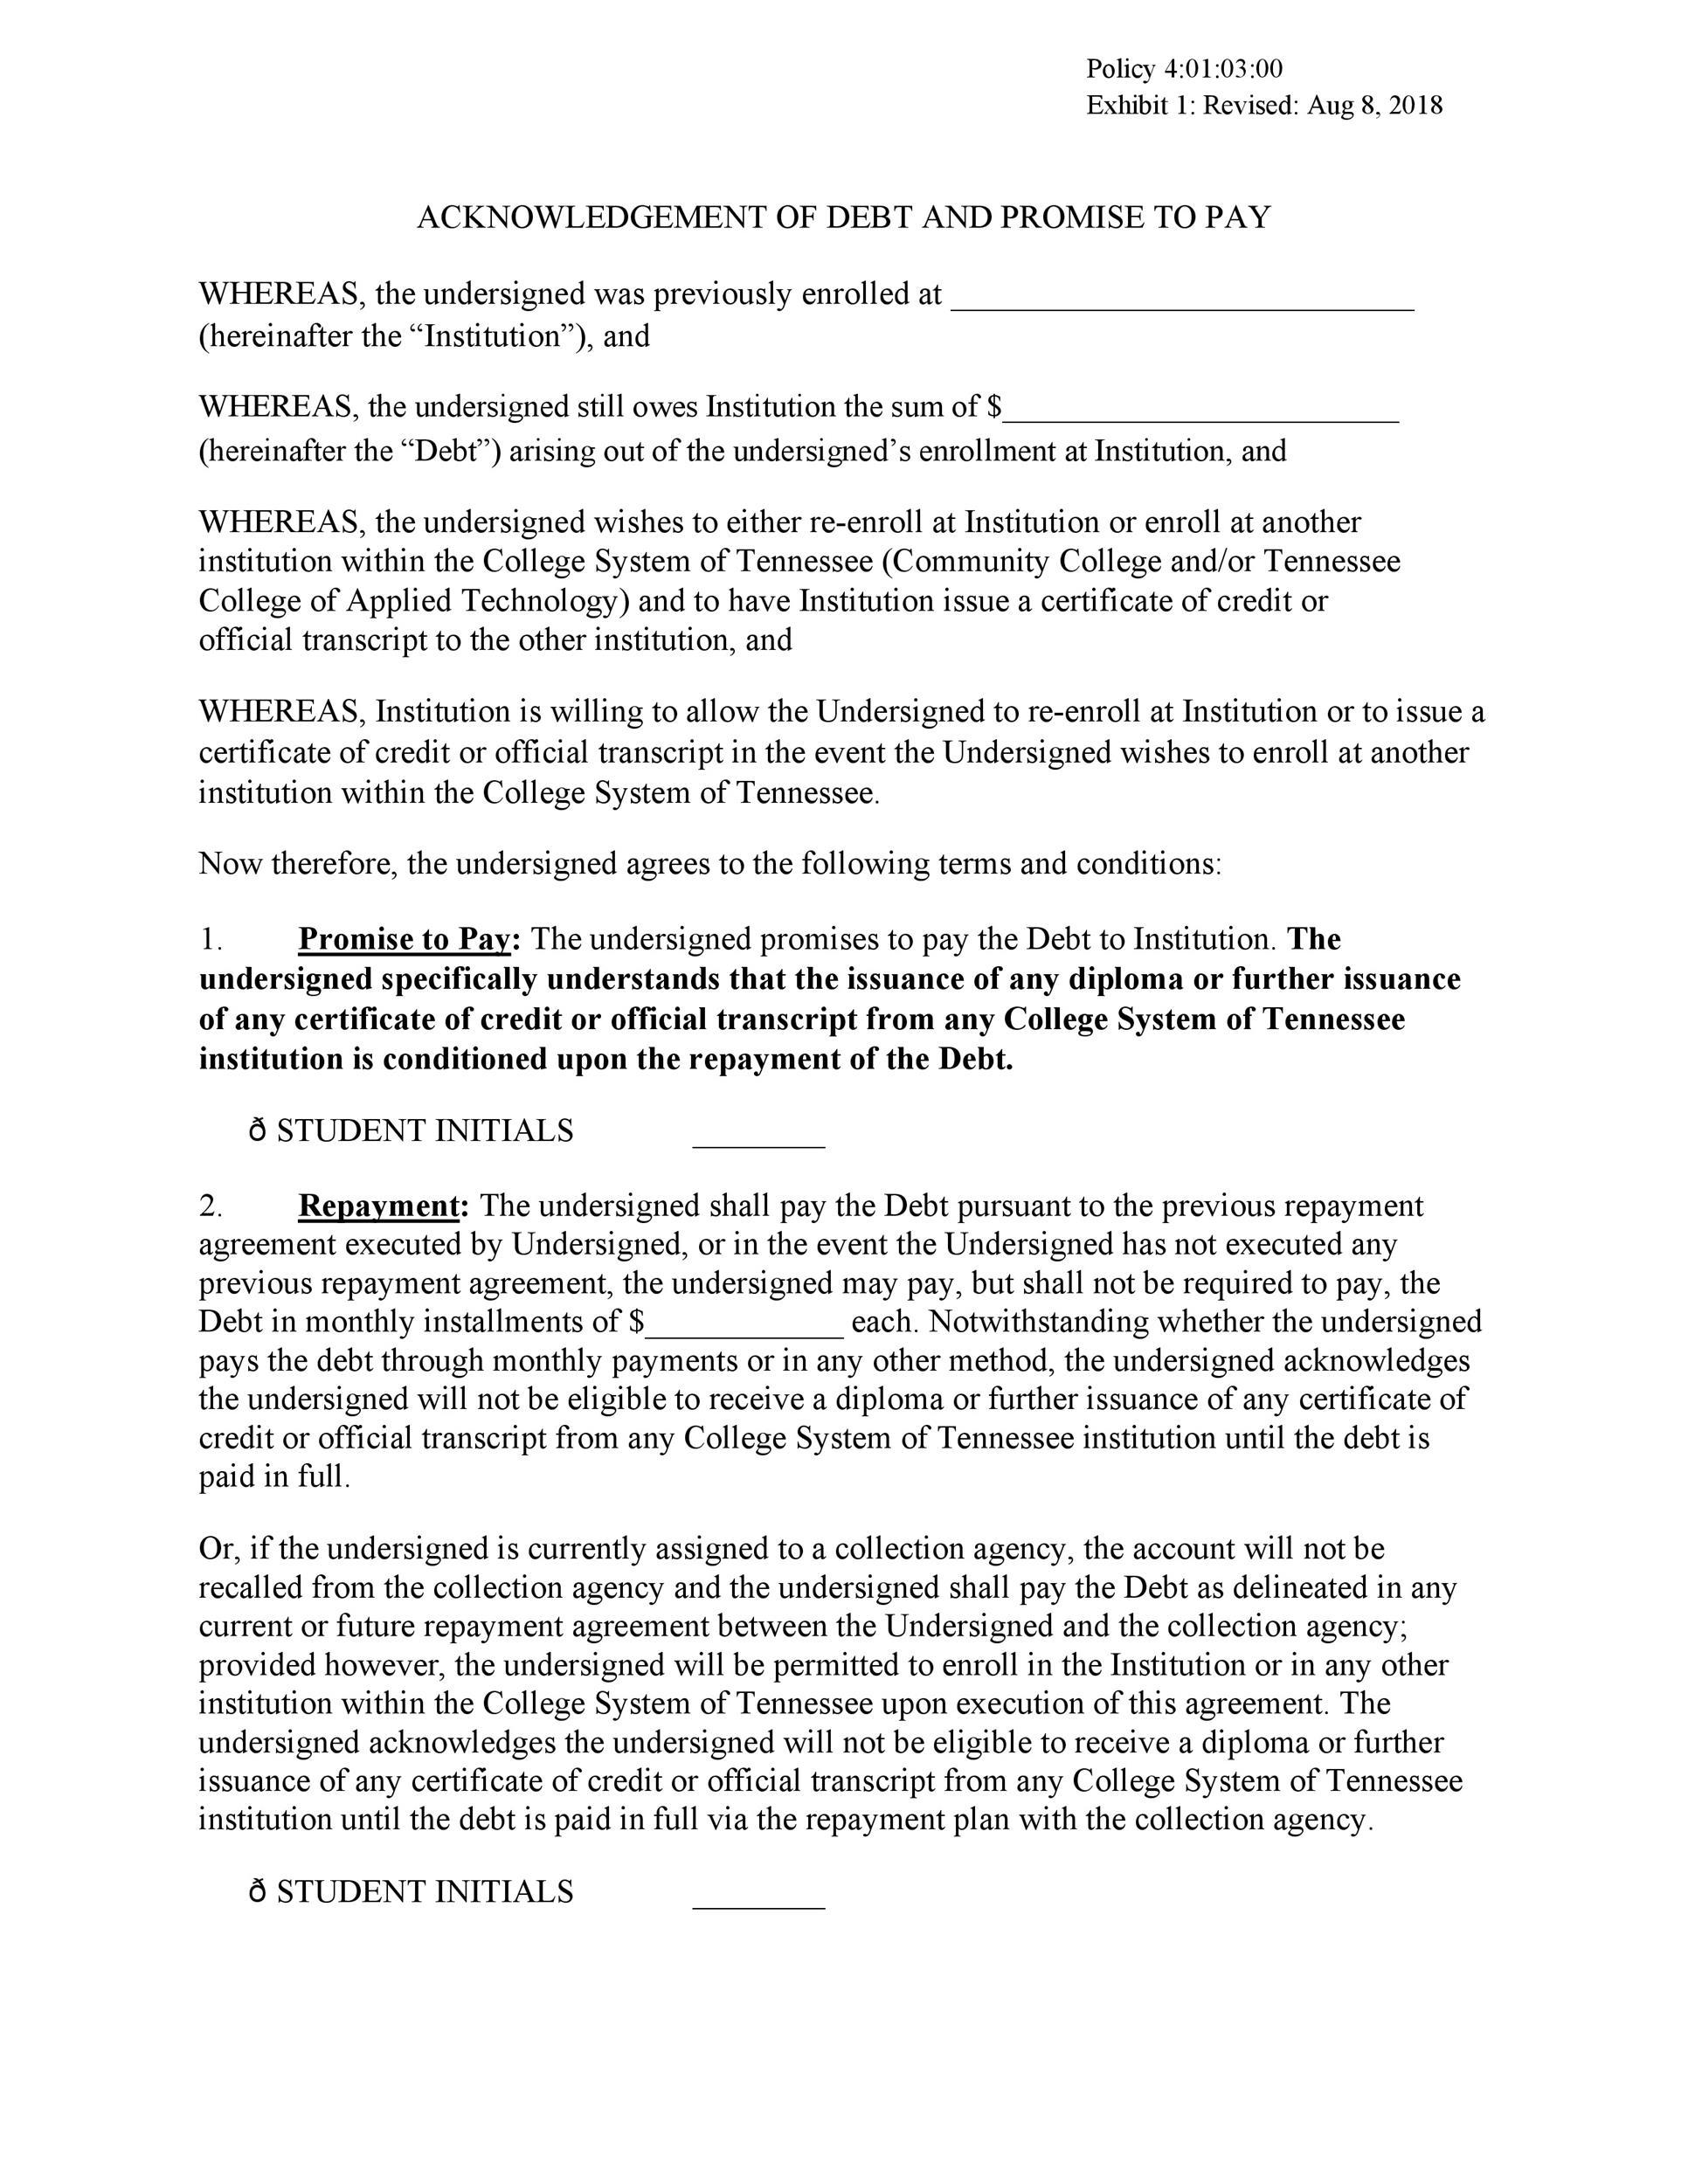 Free iou template 16